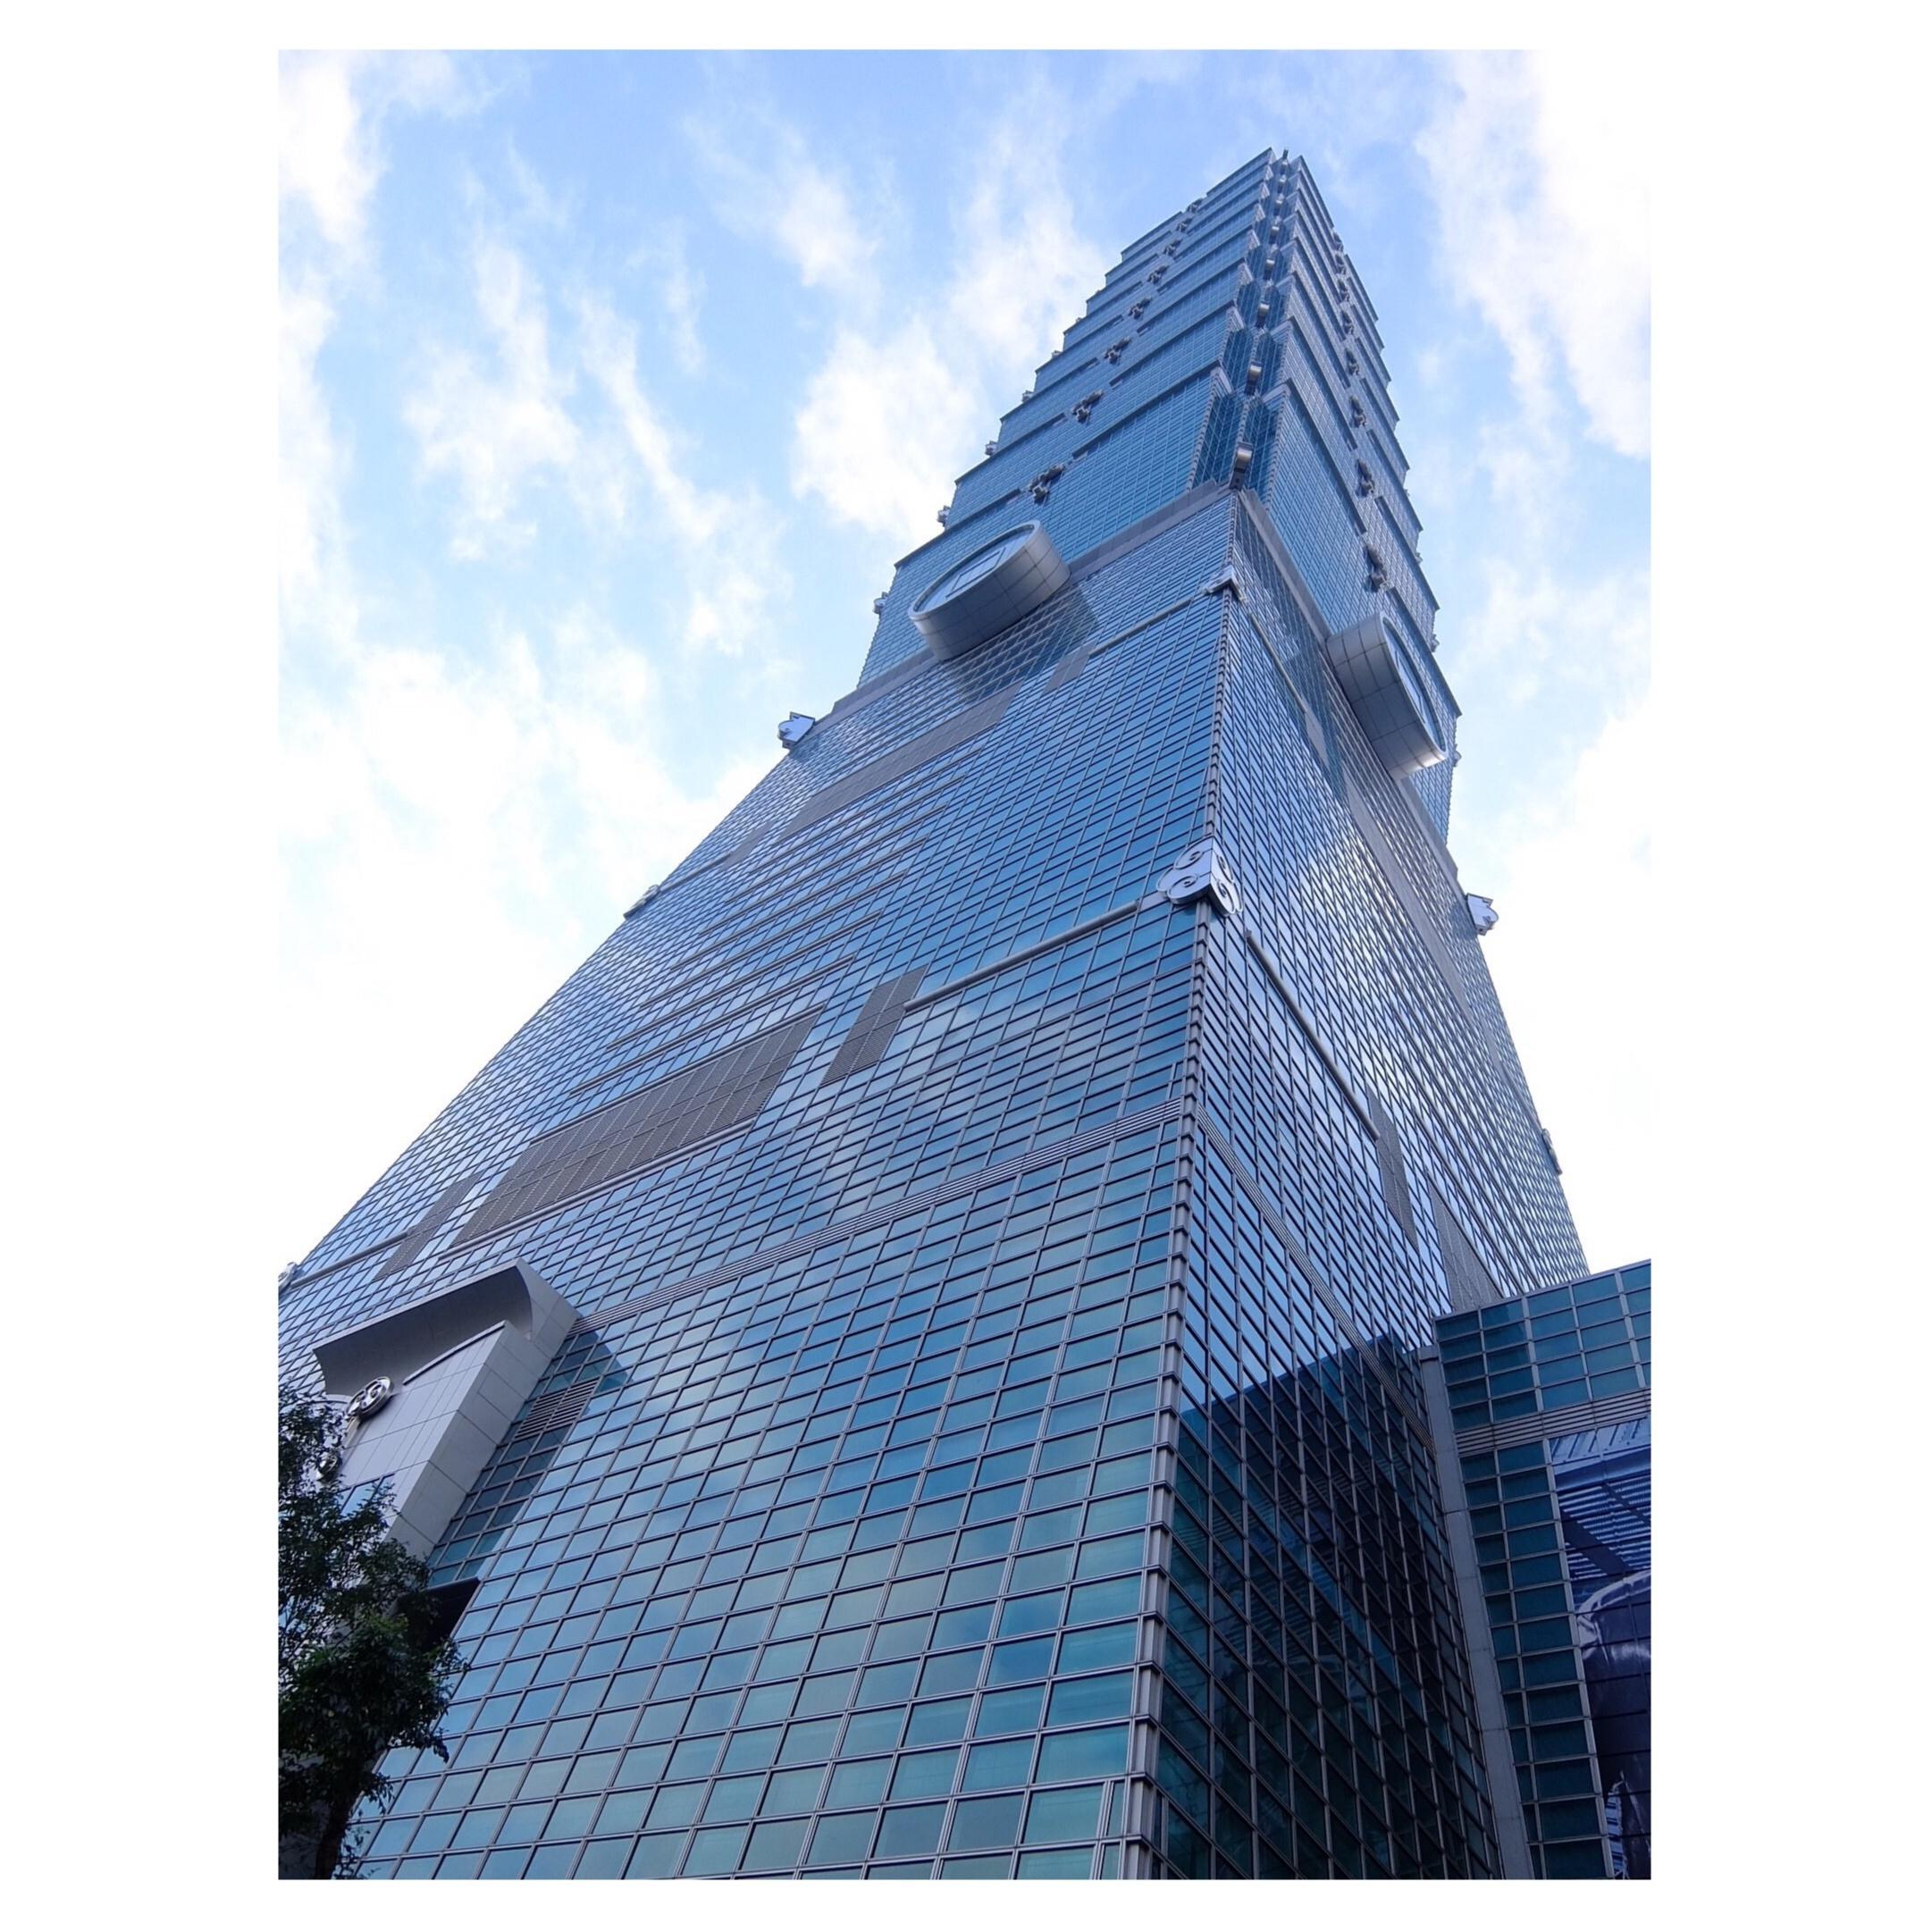 年越しは《海外》で!【台湾】でおいしいグルメや幻想的な街並みを堪能♡_9